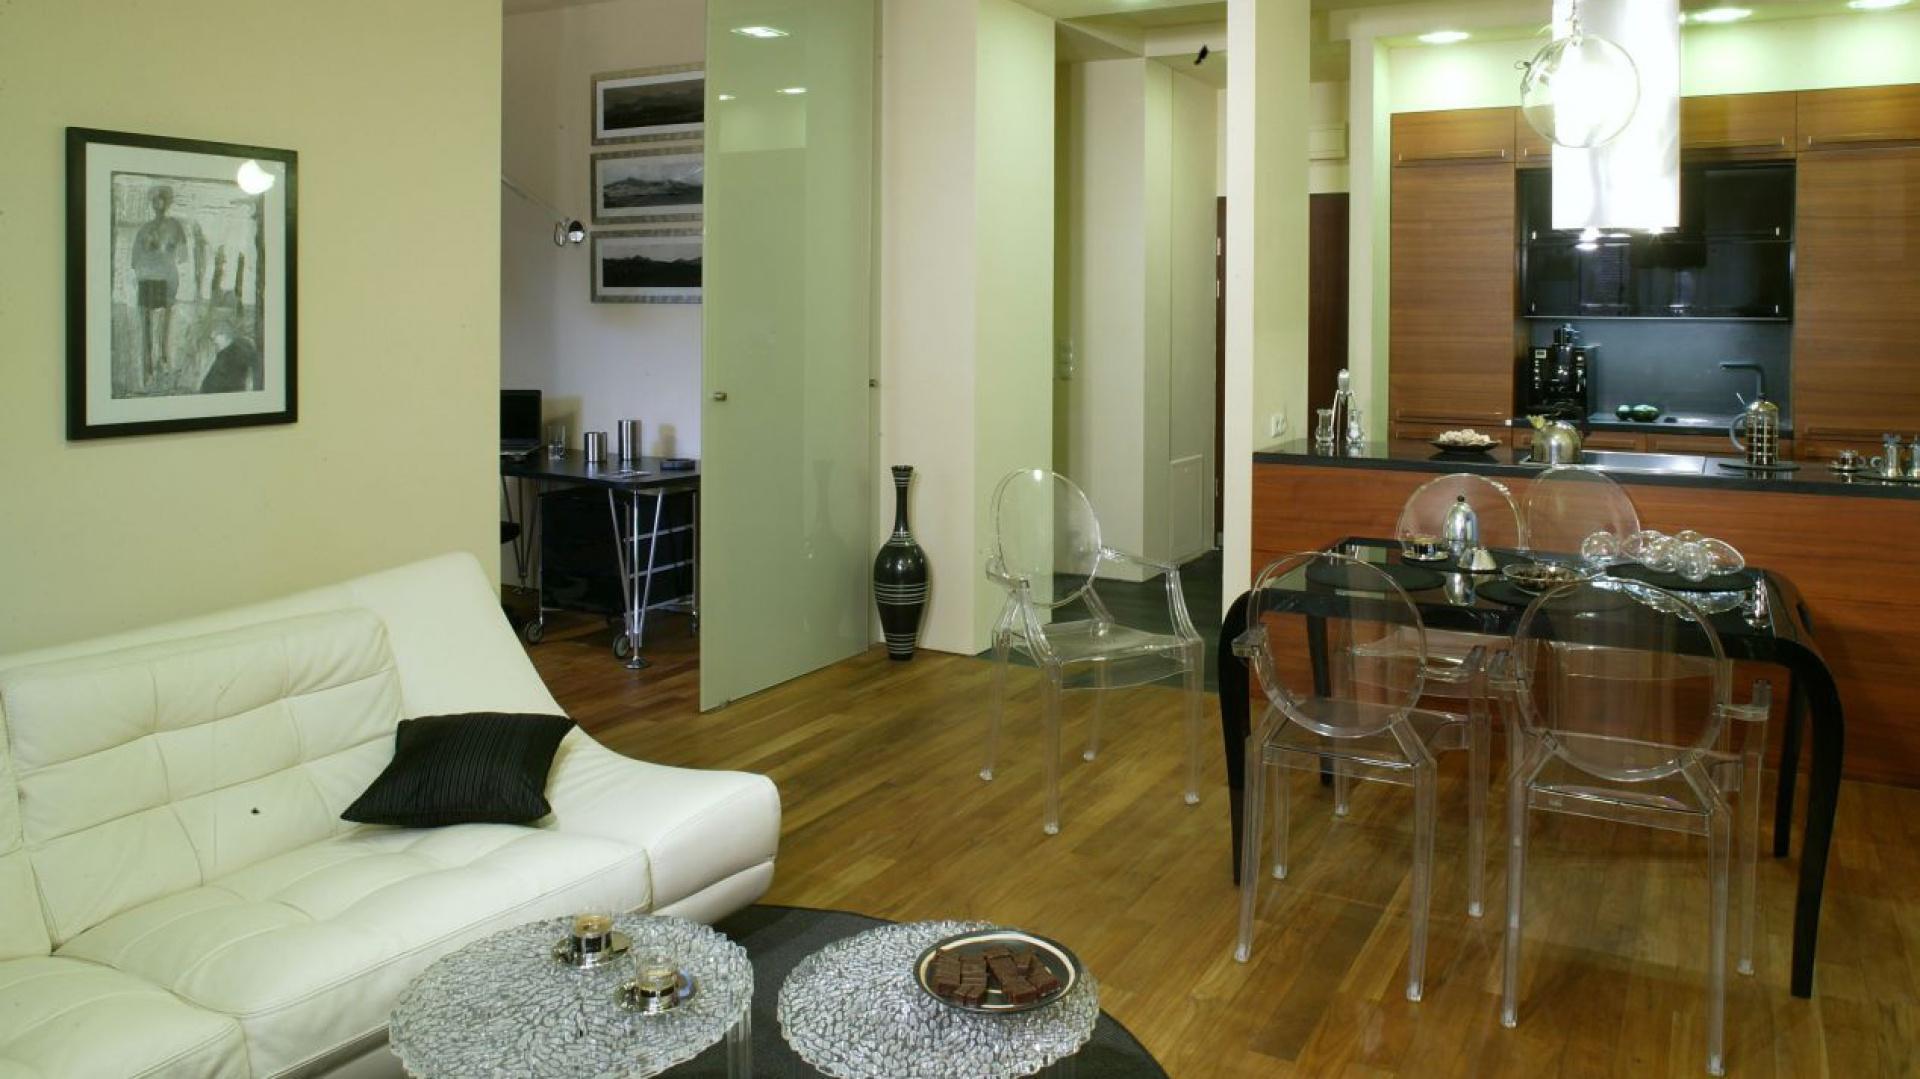 Po rozsunięciu drzwi z matowego szkła przestrzeń kuchni i salonu poszerza się o sypialnię. W obu wnętrzach widać podłogę z drewna tekowego. Fot. Monika Filipiuk.